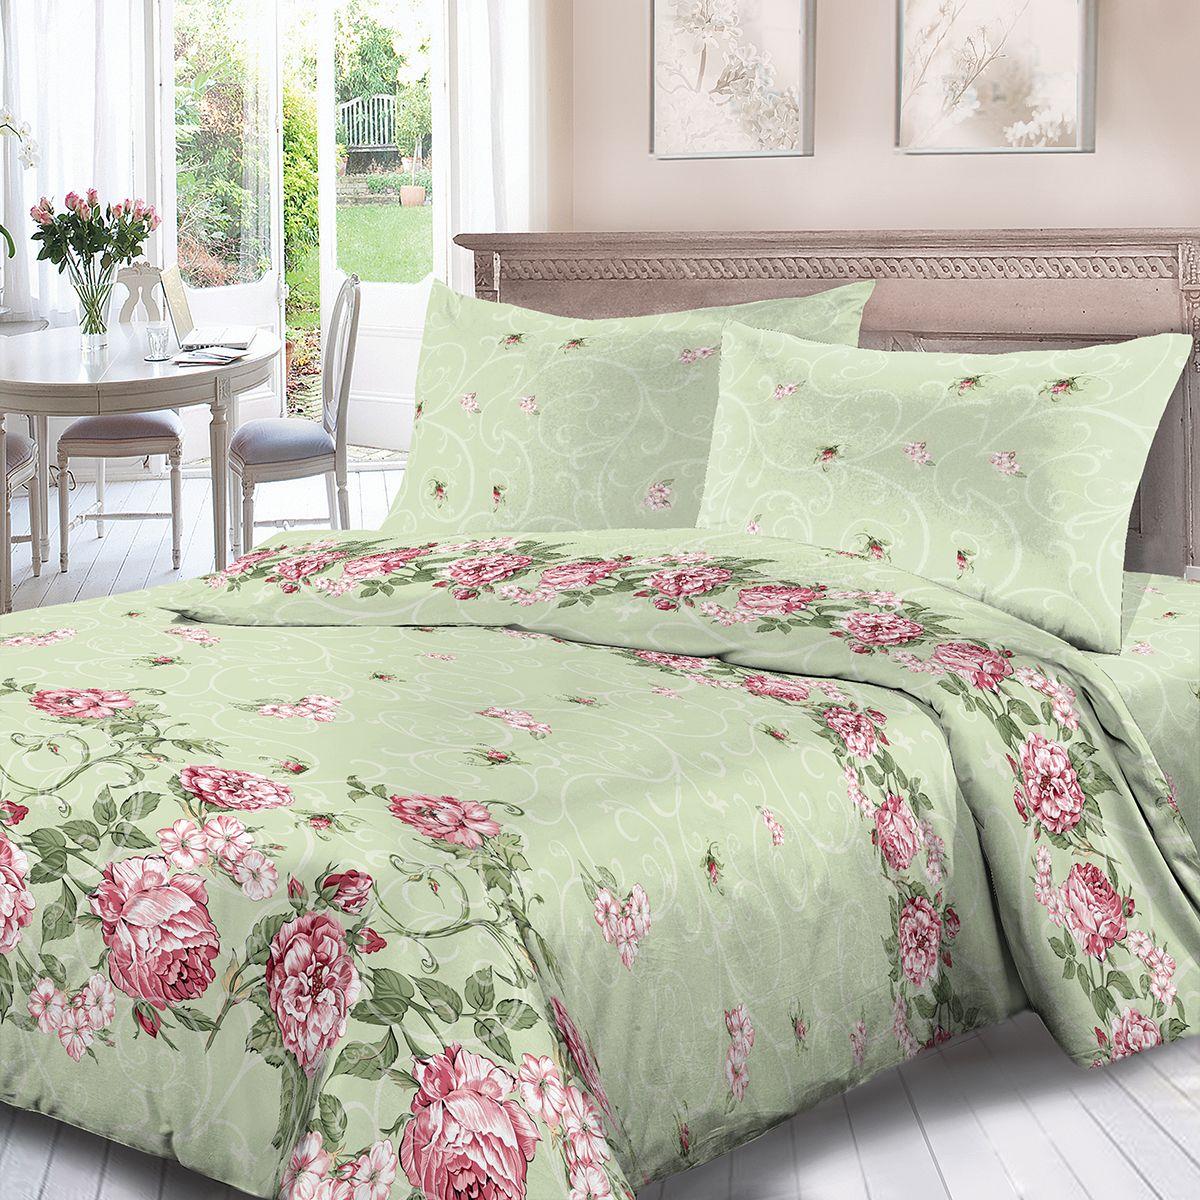 Комплект белья Для Снов Майя, 1,5 спальное, наволочки 70x70, цвет: зеленый. 1754-181961